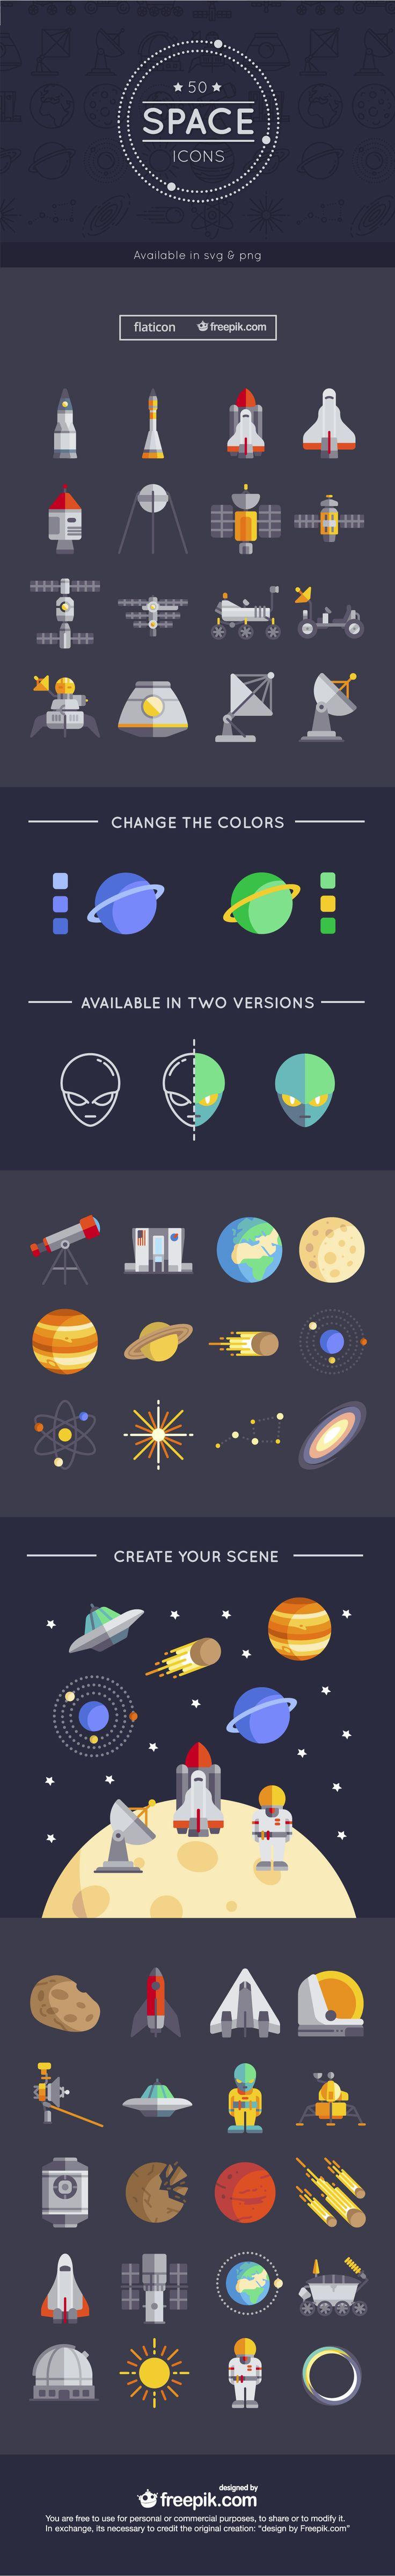 Free pack of 50 stunning space icons | Freepik Blog